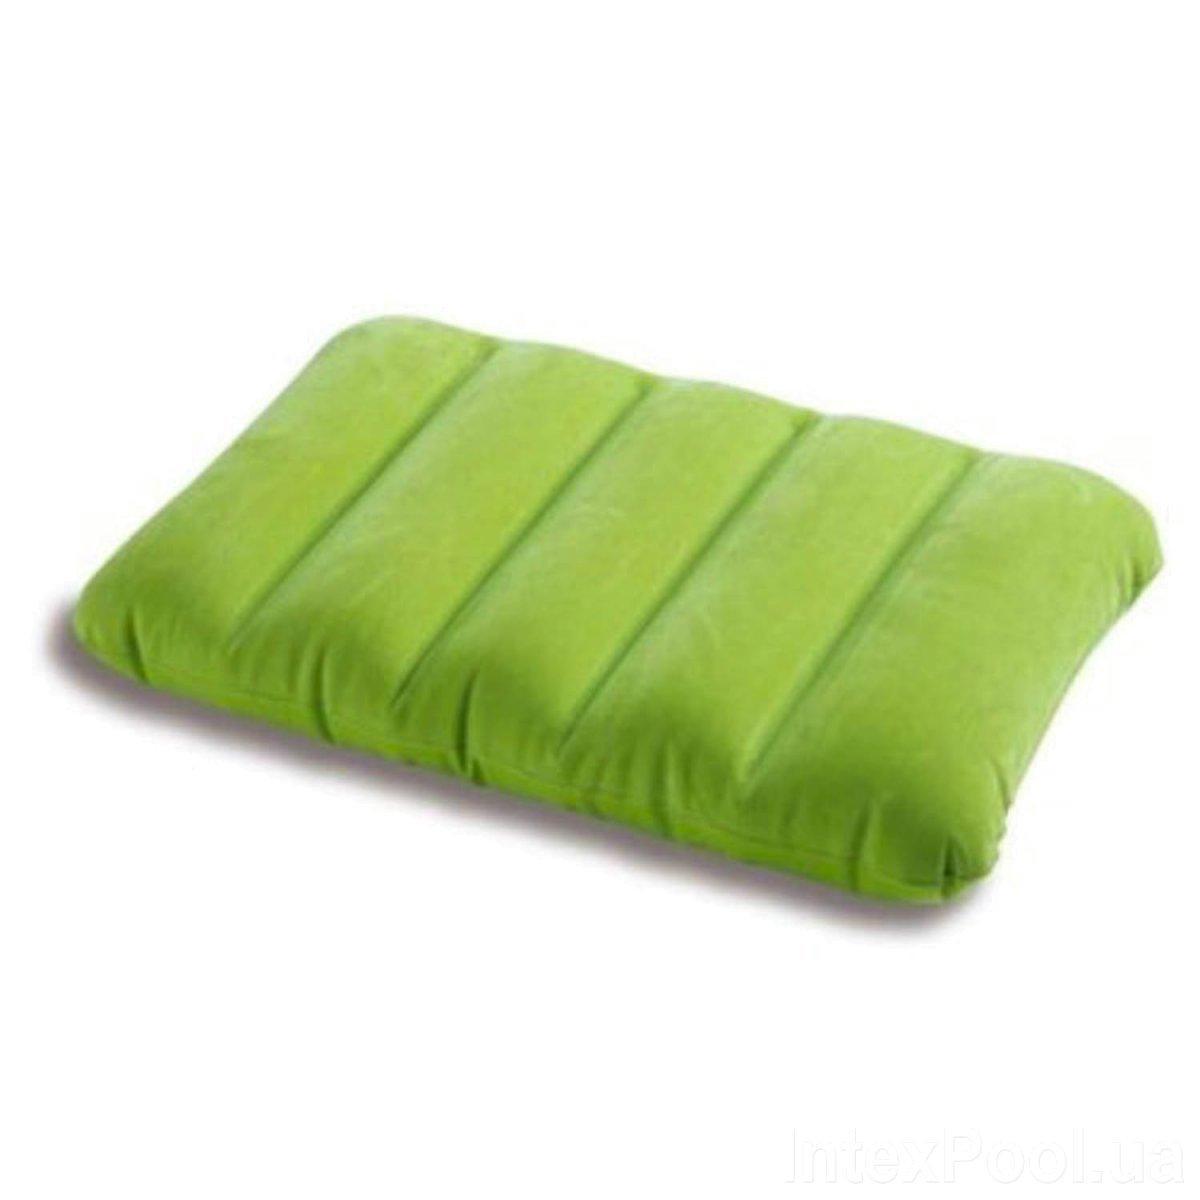 Надувная флокированная подушка Intex 68676, зеленая